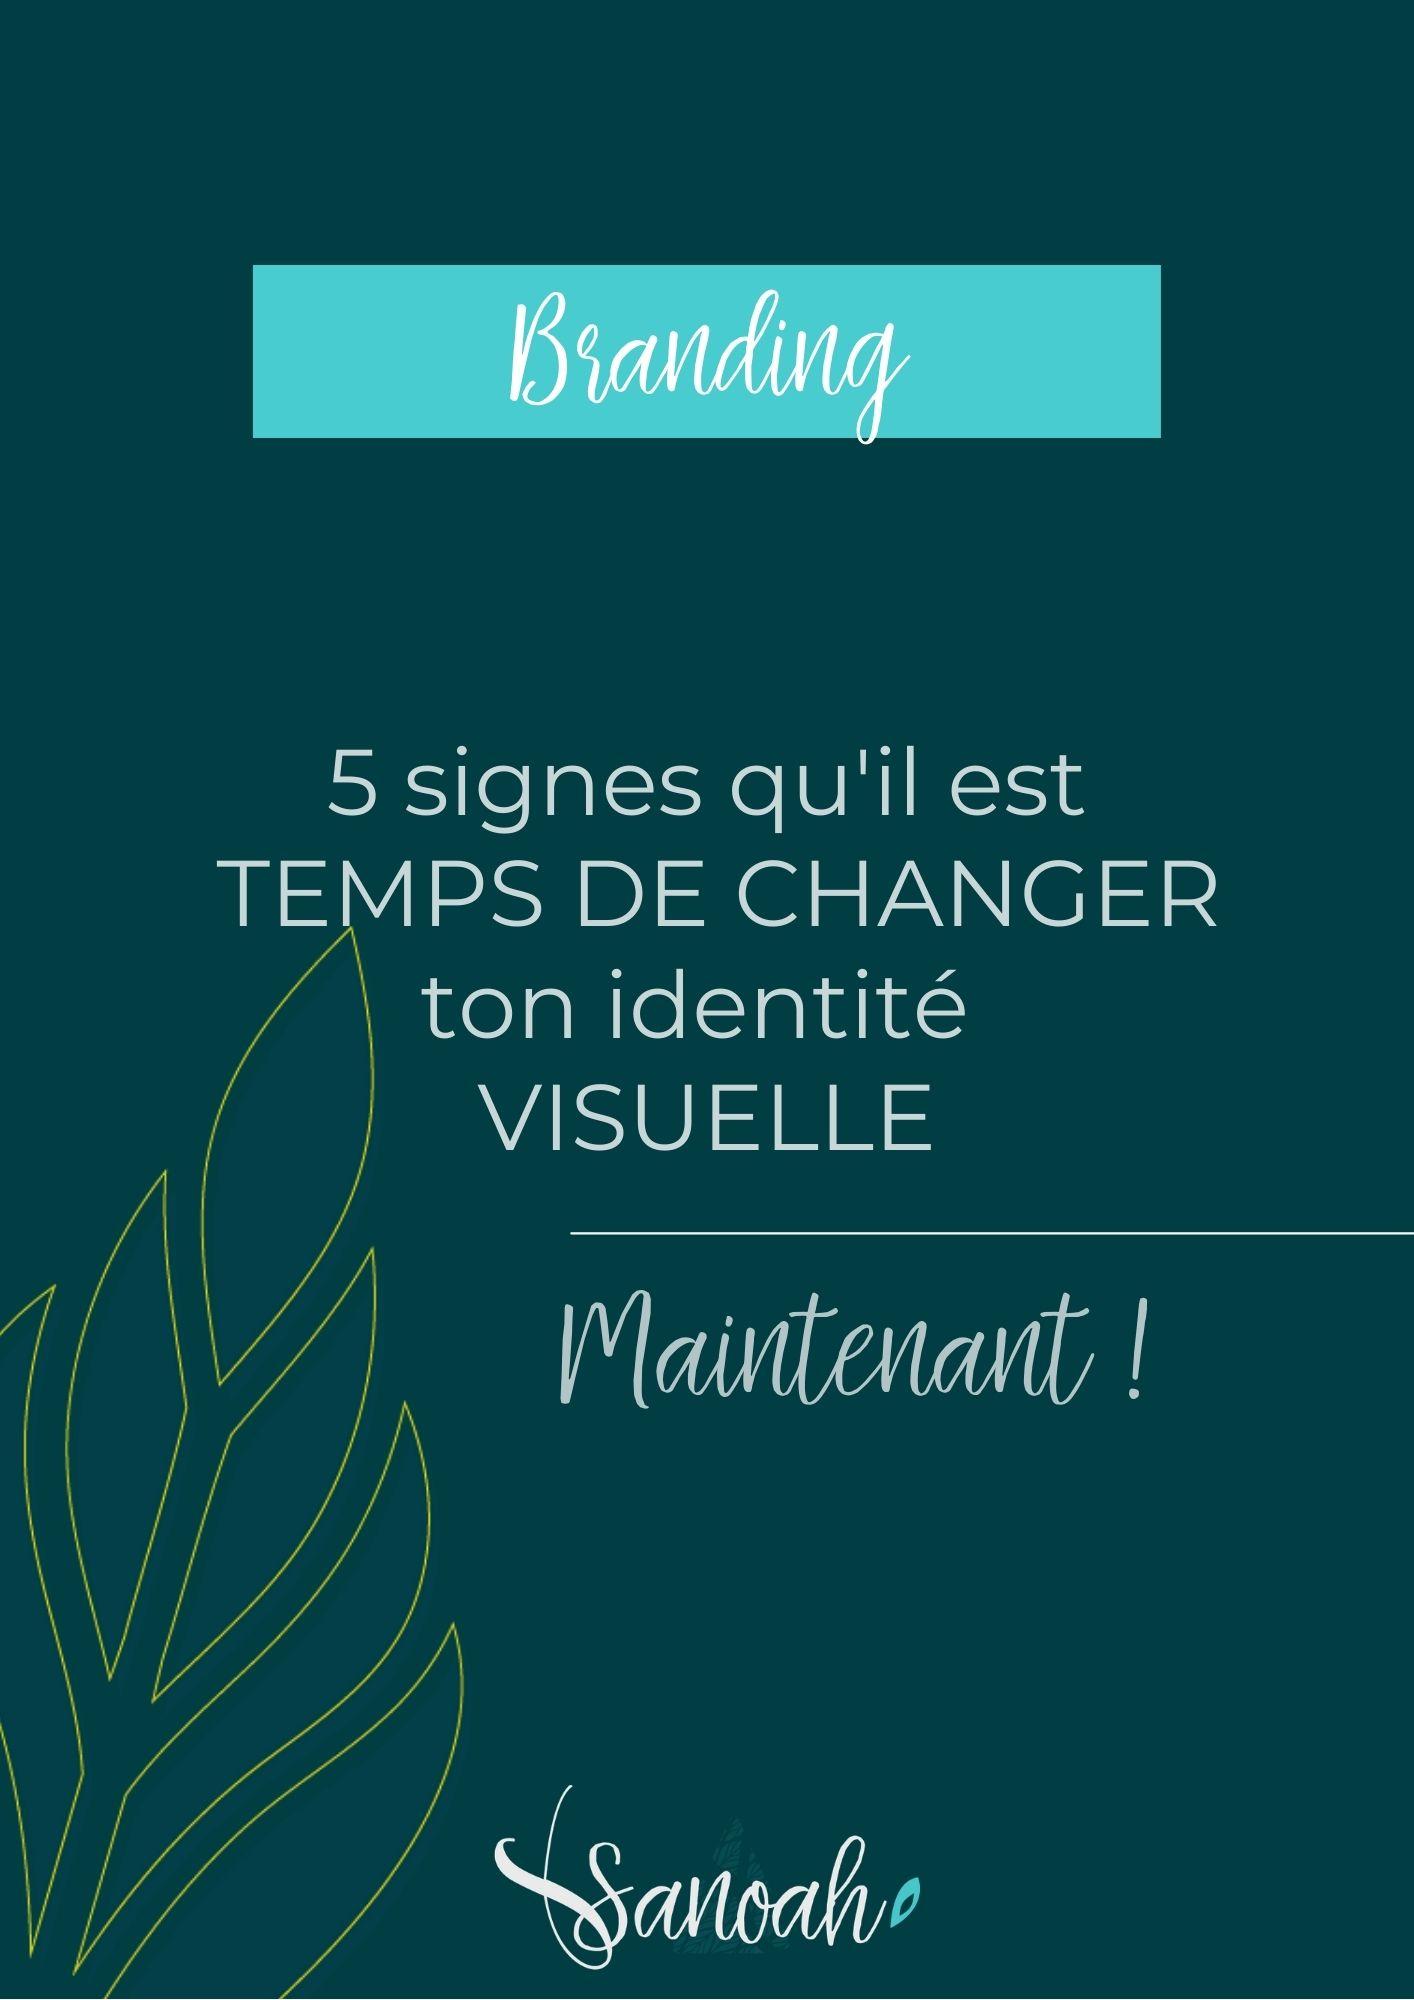 5 signes qu'il est temps de changer ton identité visuelle